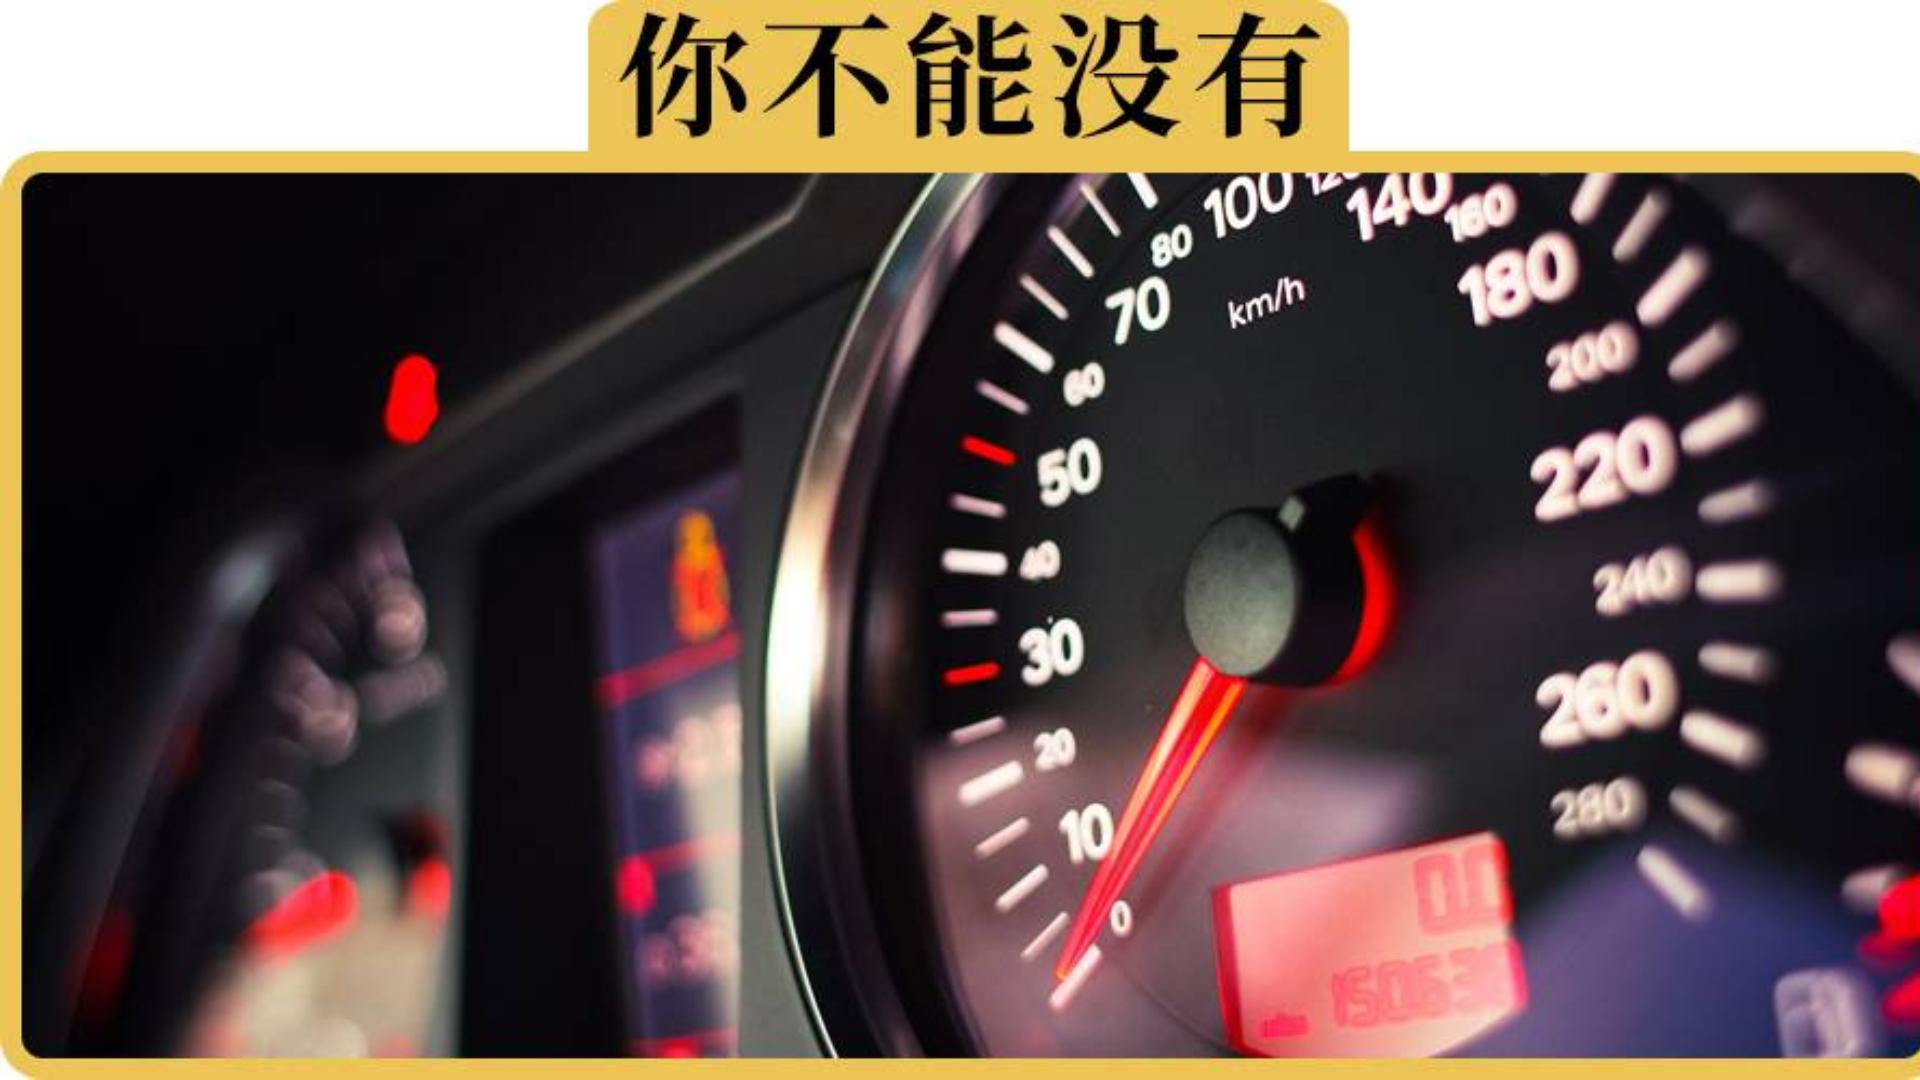 国内的车子为什么不把极速设置成120